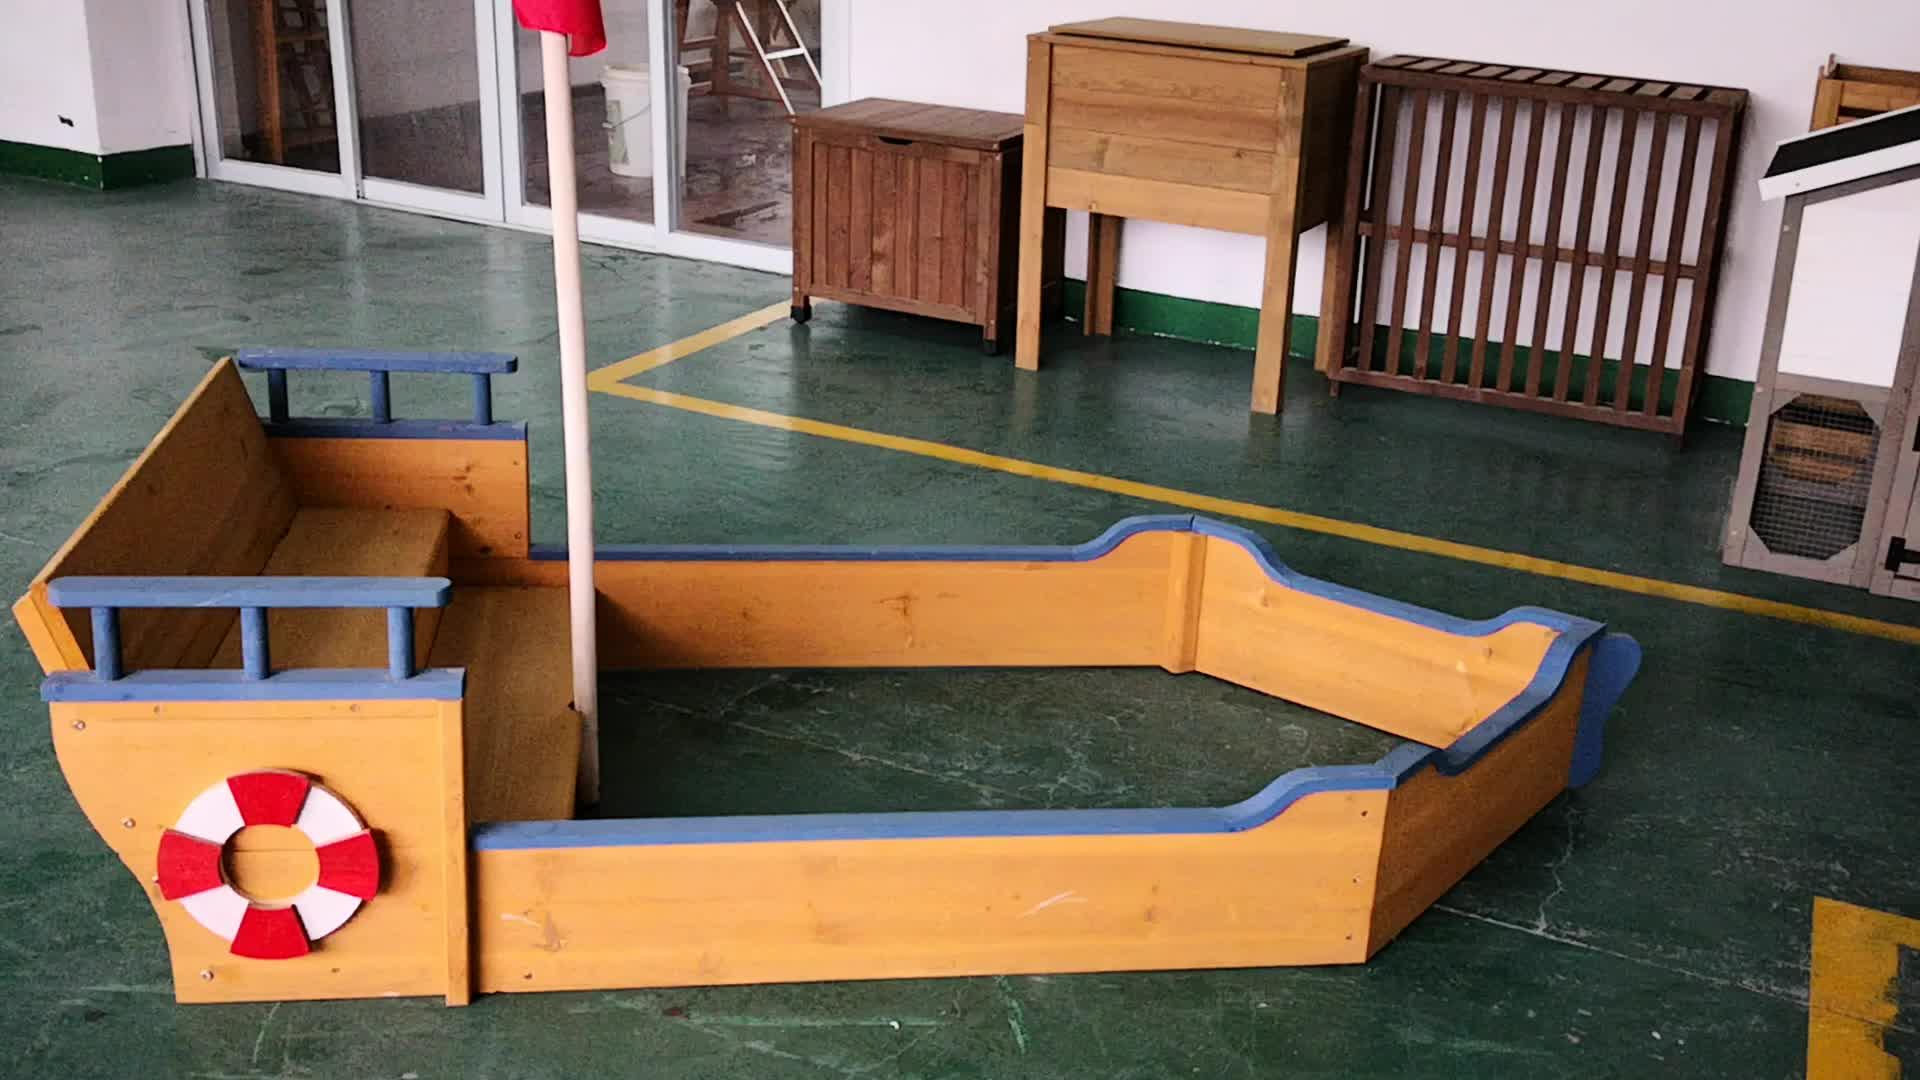 Playground Toys Games Boat sandbox Wooden sandbox for Outdoor